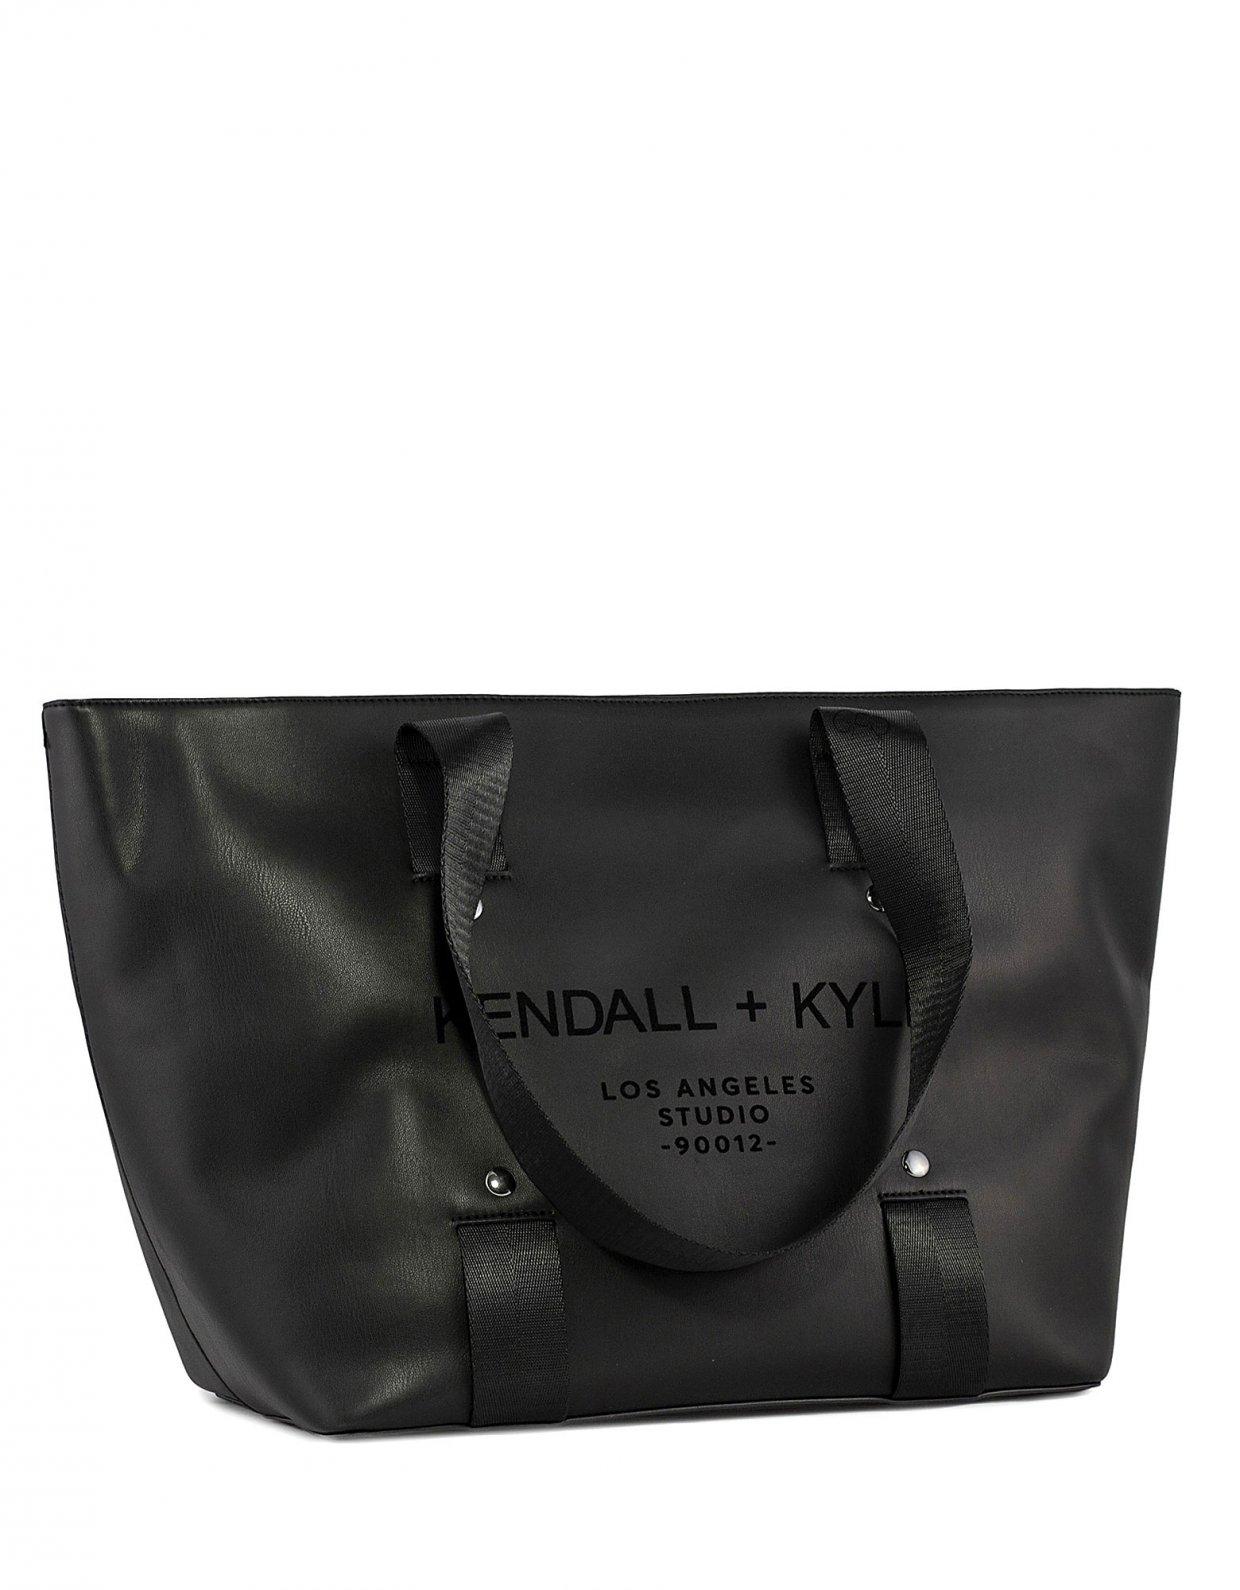 Kendall + Kylie Valerie tote bag black